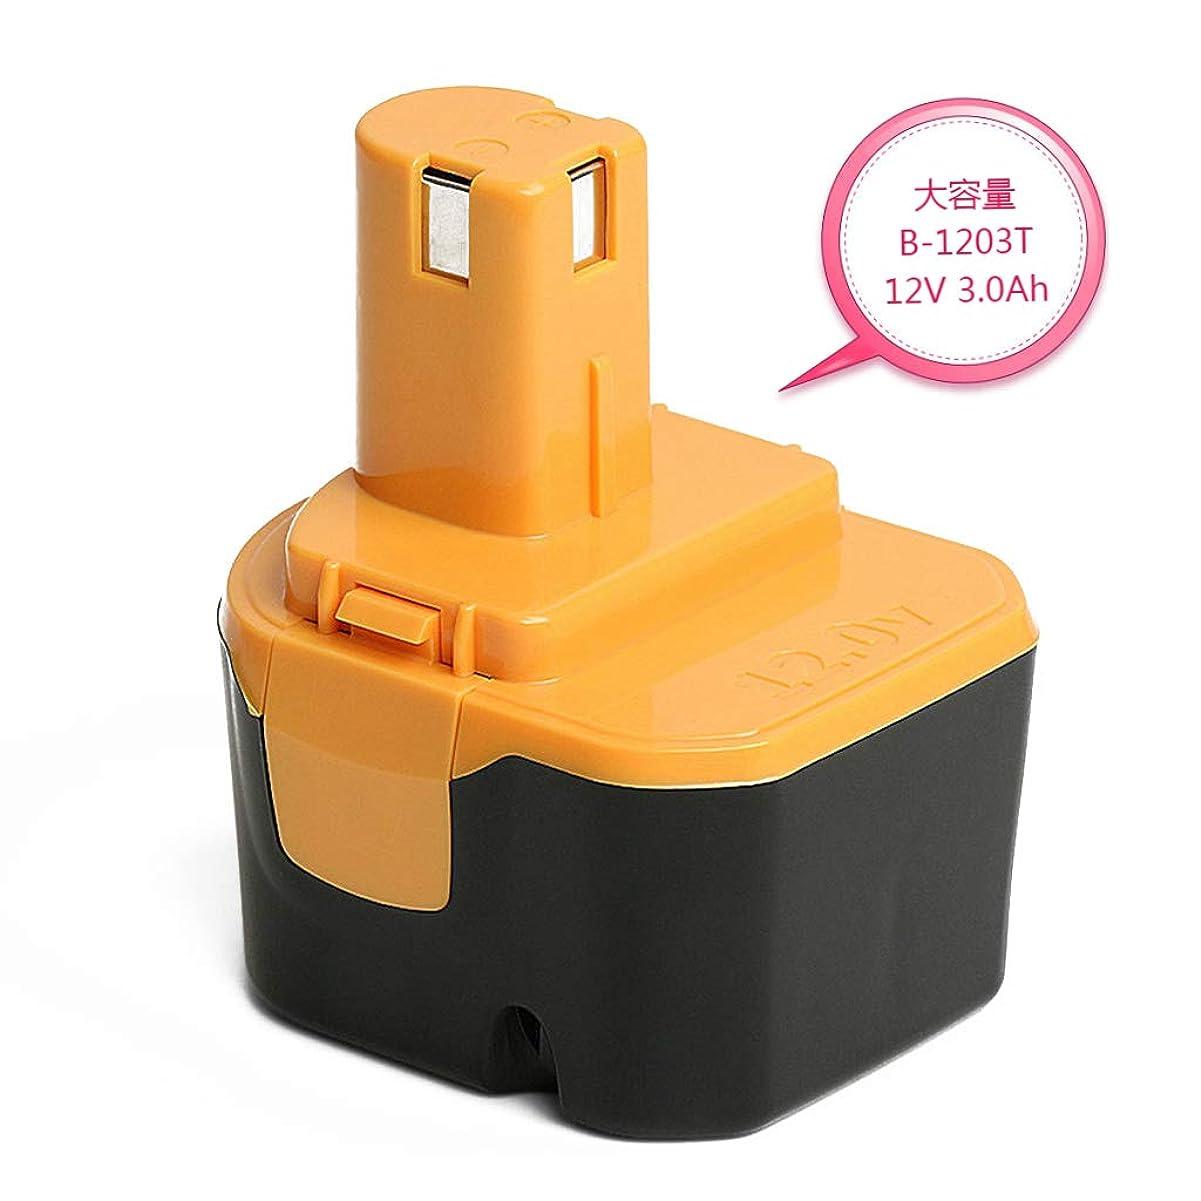 成長する侵略レキシコン【POWERGIANT】RYOBIリョービ B-1203M B-1203F2 B-1203T電池パック対応 12V 3.0Ah互換バッテリー B-1203C B-1203M1 B-1203F3 BPL-1220 B-1220F2代替電池 NI-MH Ni‐Cd充電器で充電可能